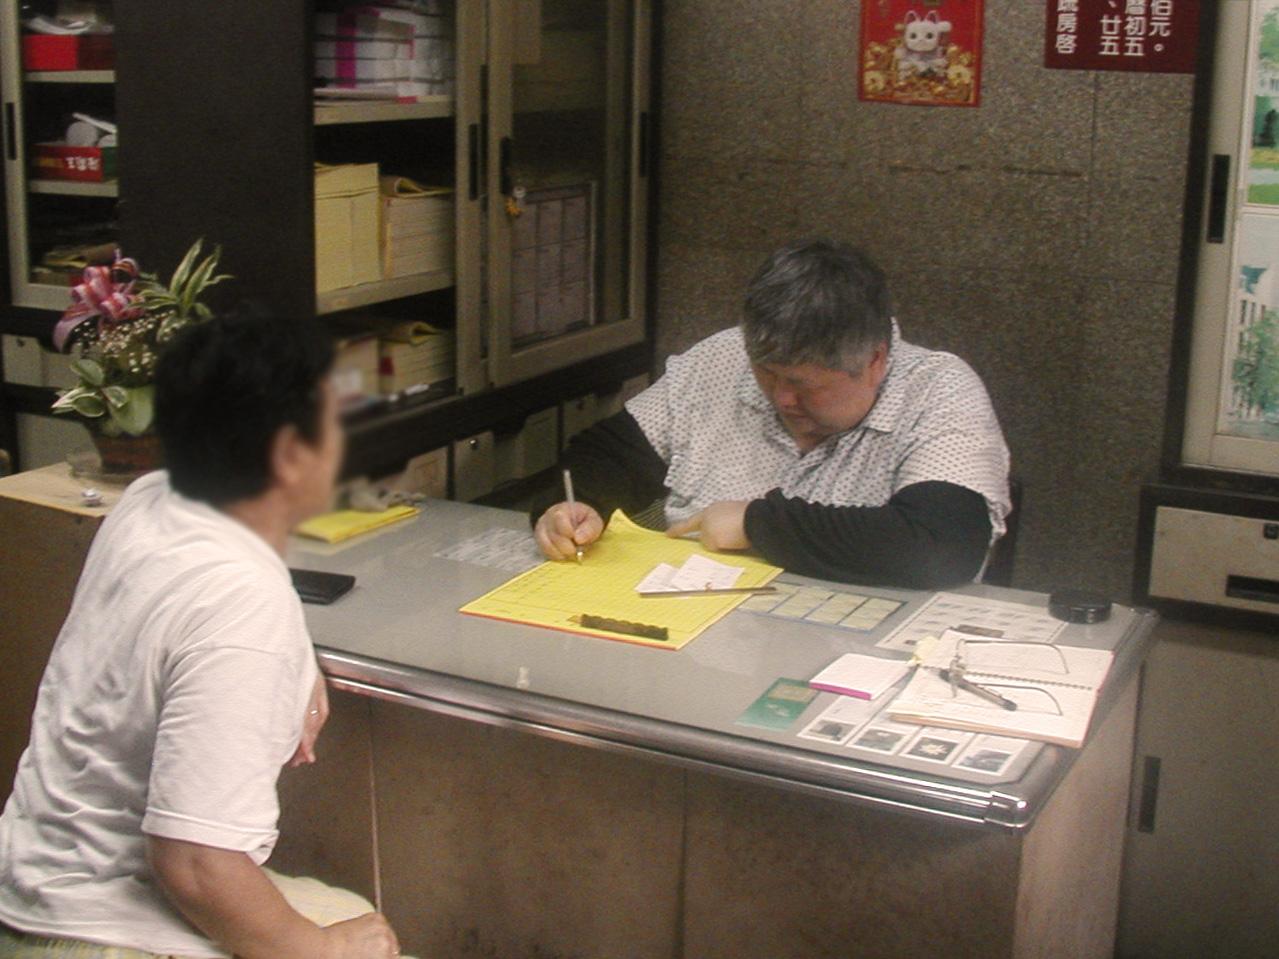 十年前新莊地藏庵只有一位筆生幫忙寫牒文,現在有五位,民眾甚至需要抽號碼牌。圖片來源│康豹提供